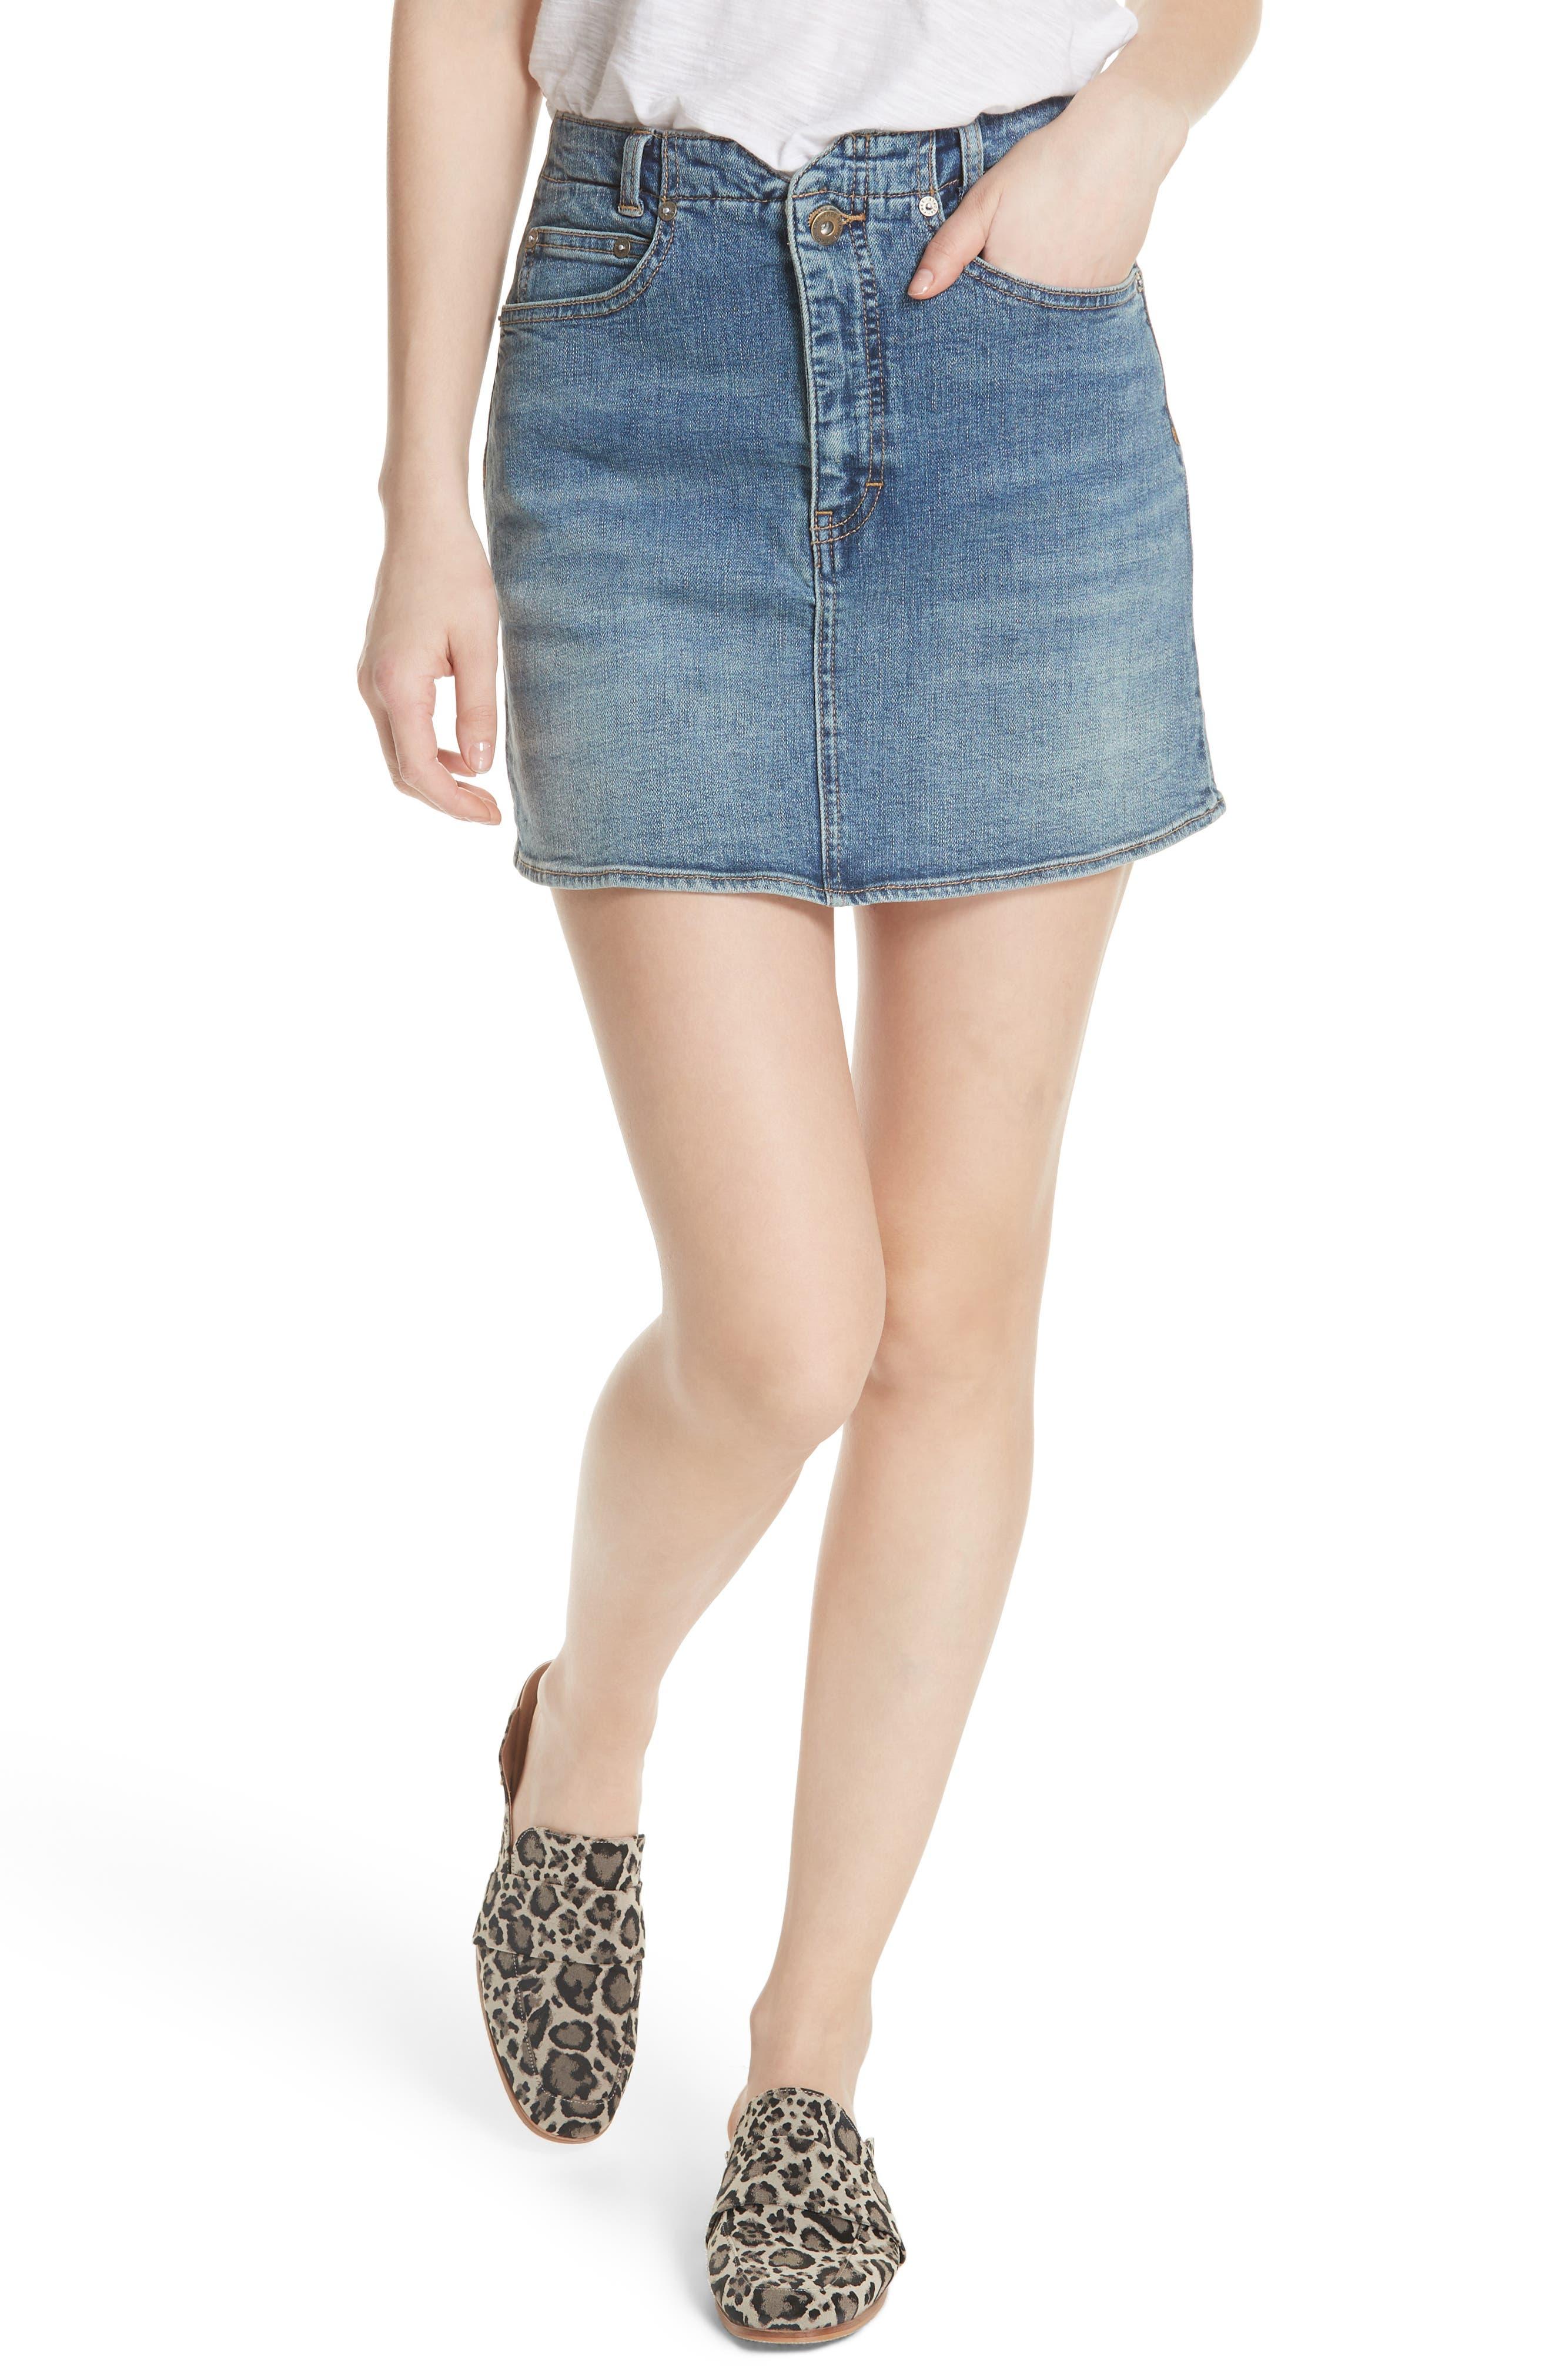 She's All That Denim Miniskirt,                             Main thumbnail 1, color,                             DENIM BLUE